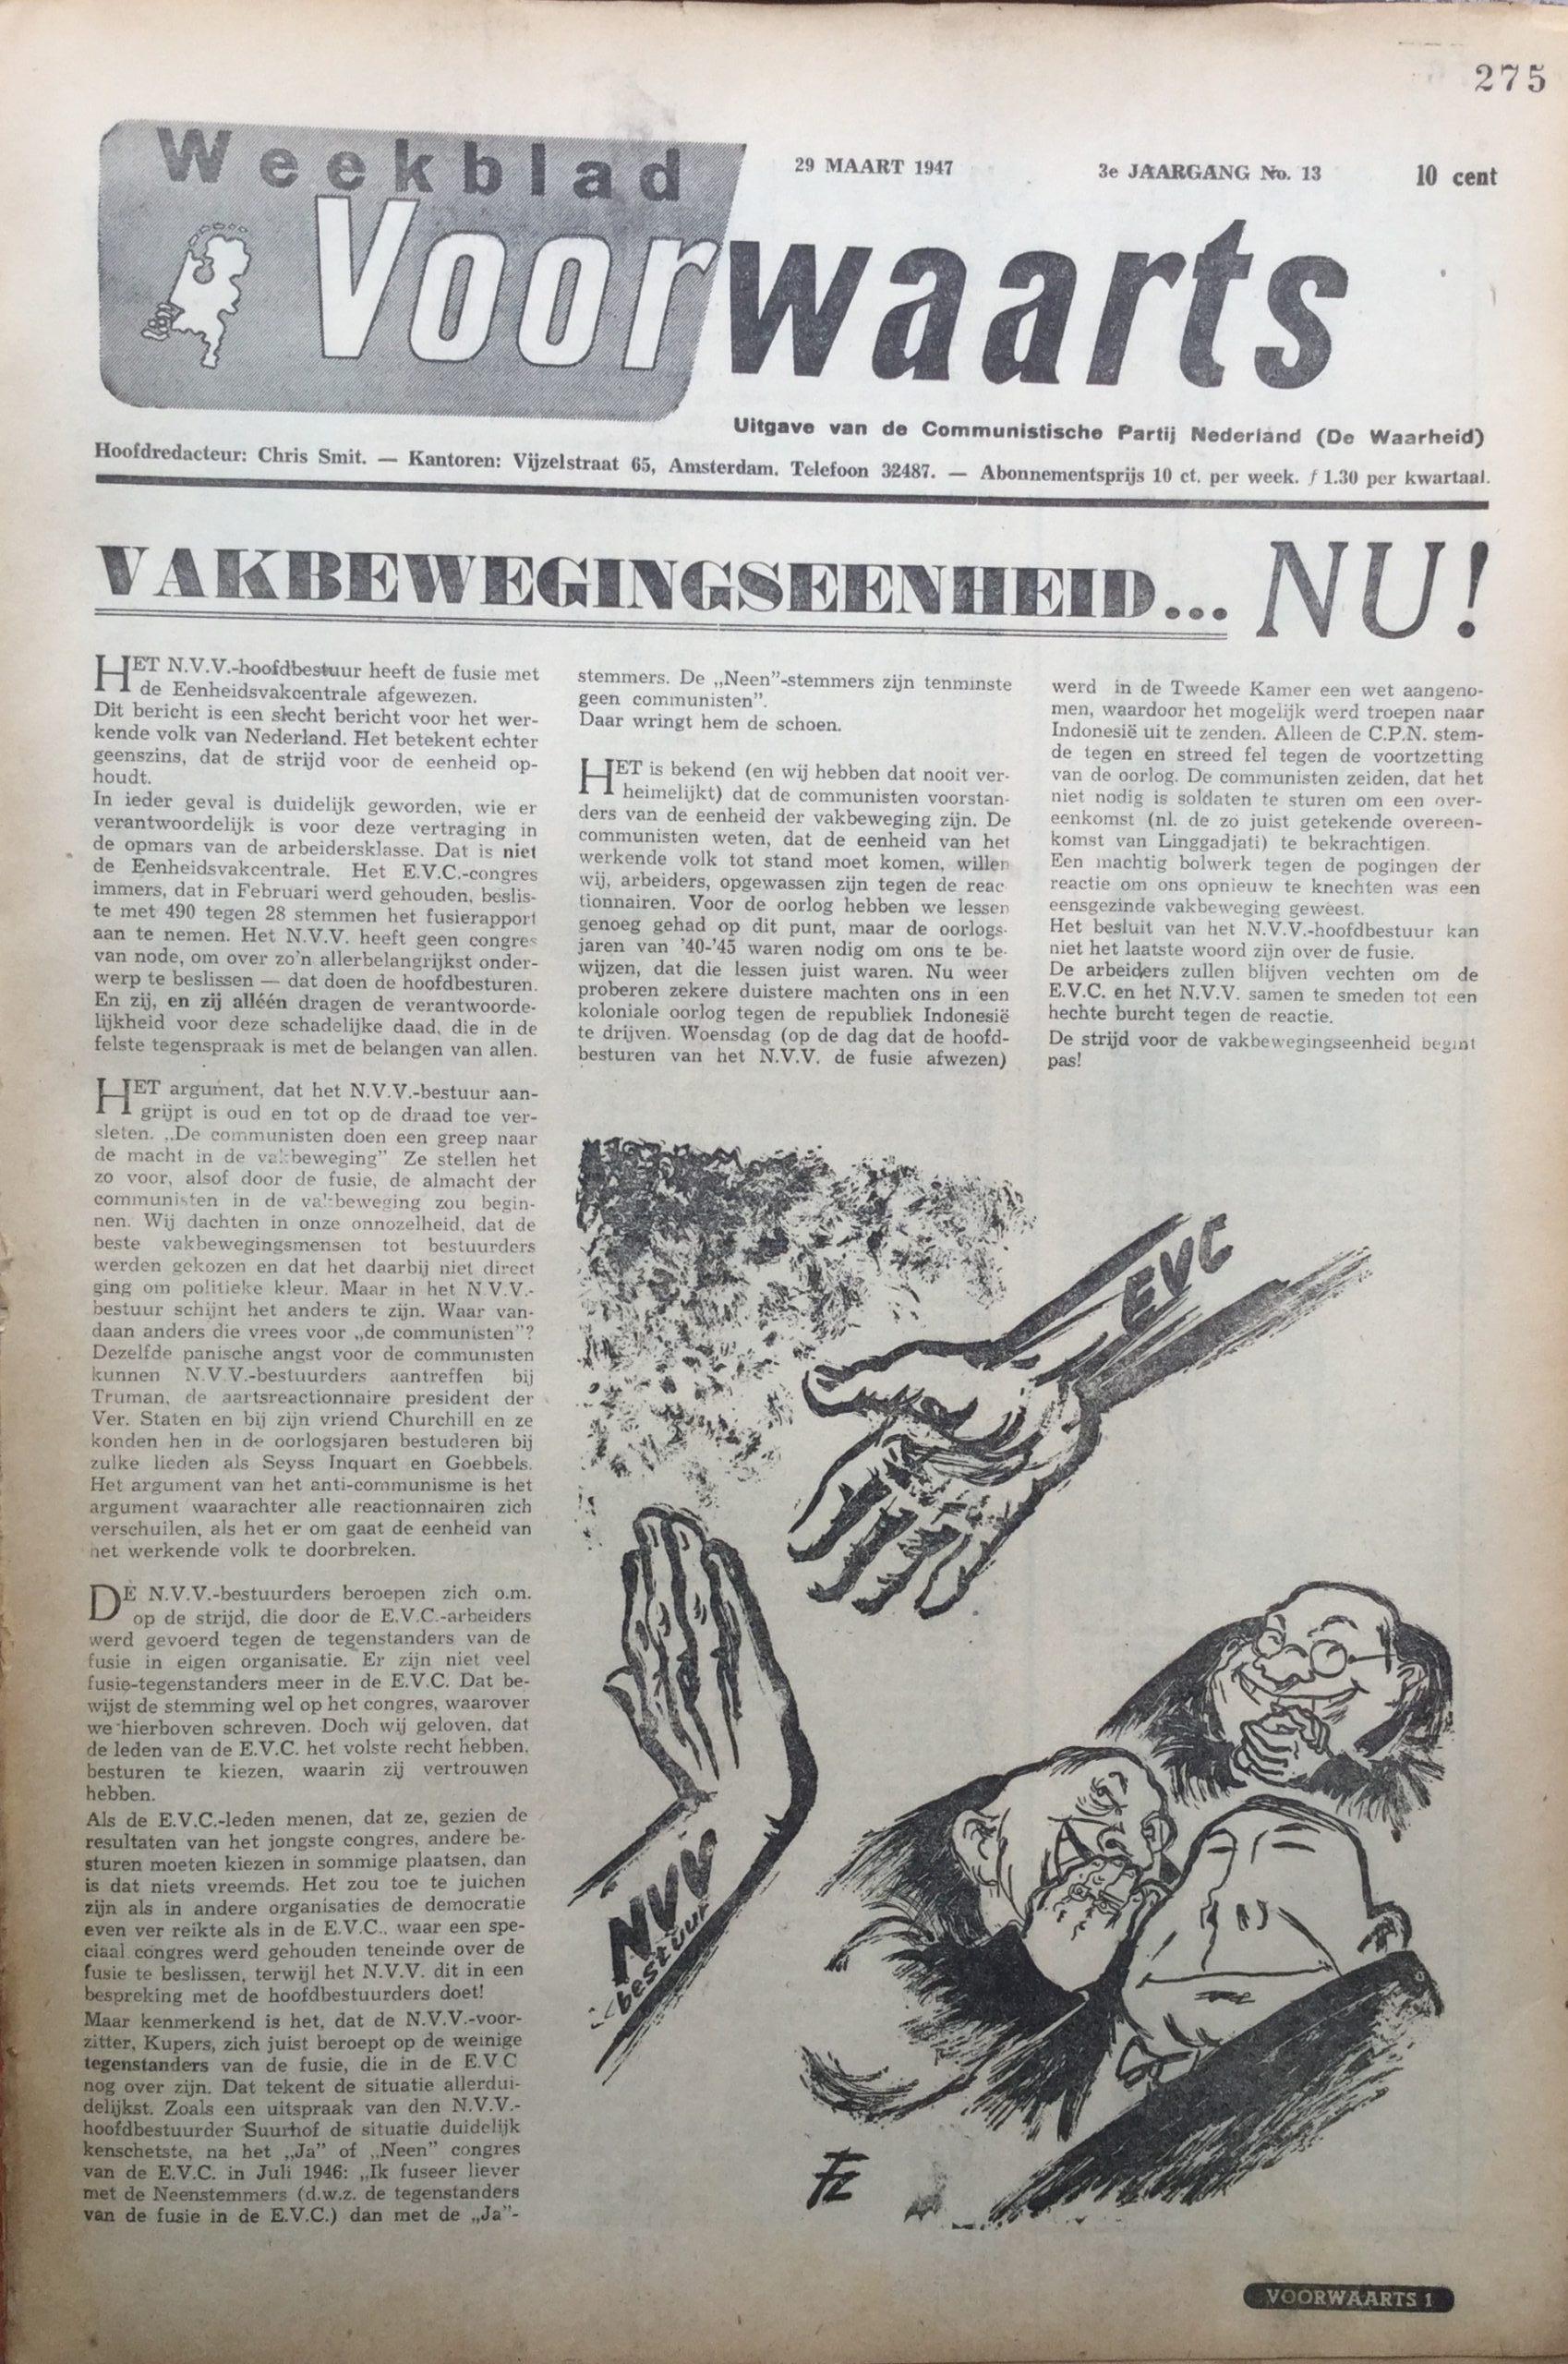 Fritz Behrendt. Pogingen tot fusie van de Eenheidsvakcentrale en NVV mislukten. Voorwaarts van 20 maart 1947